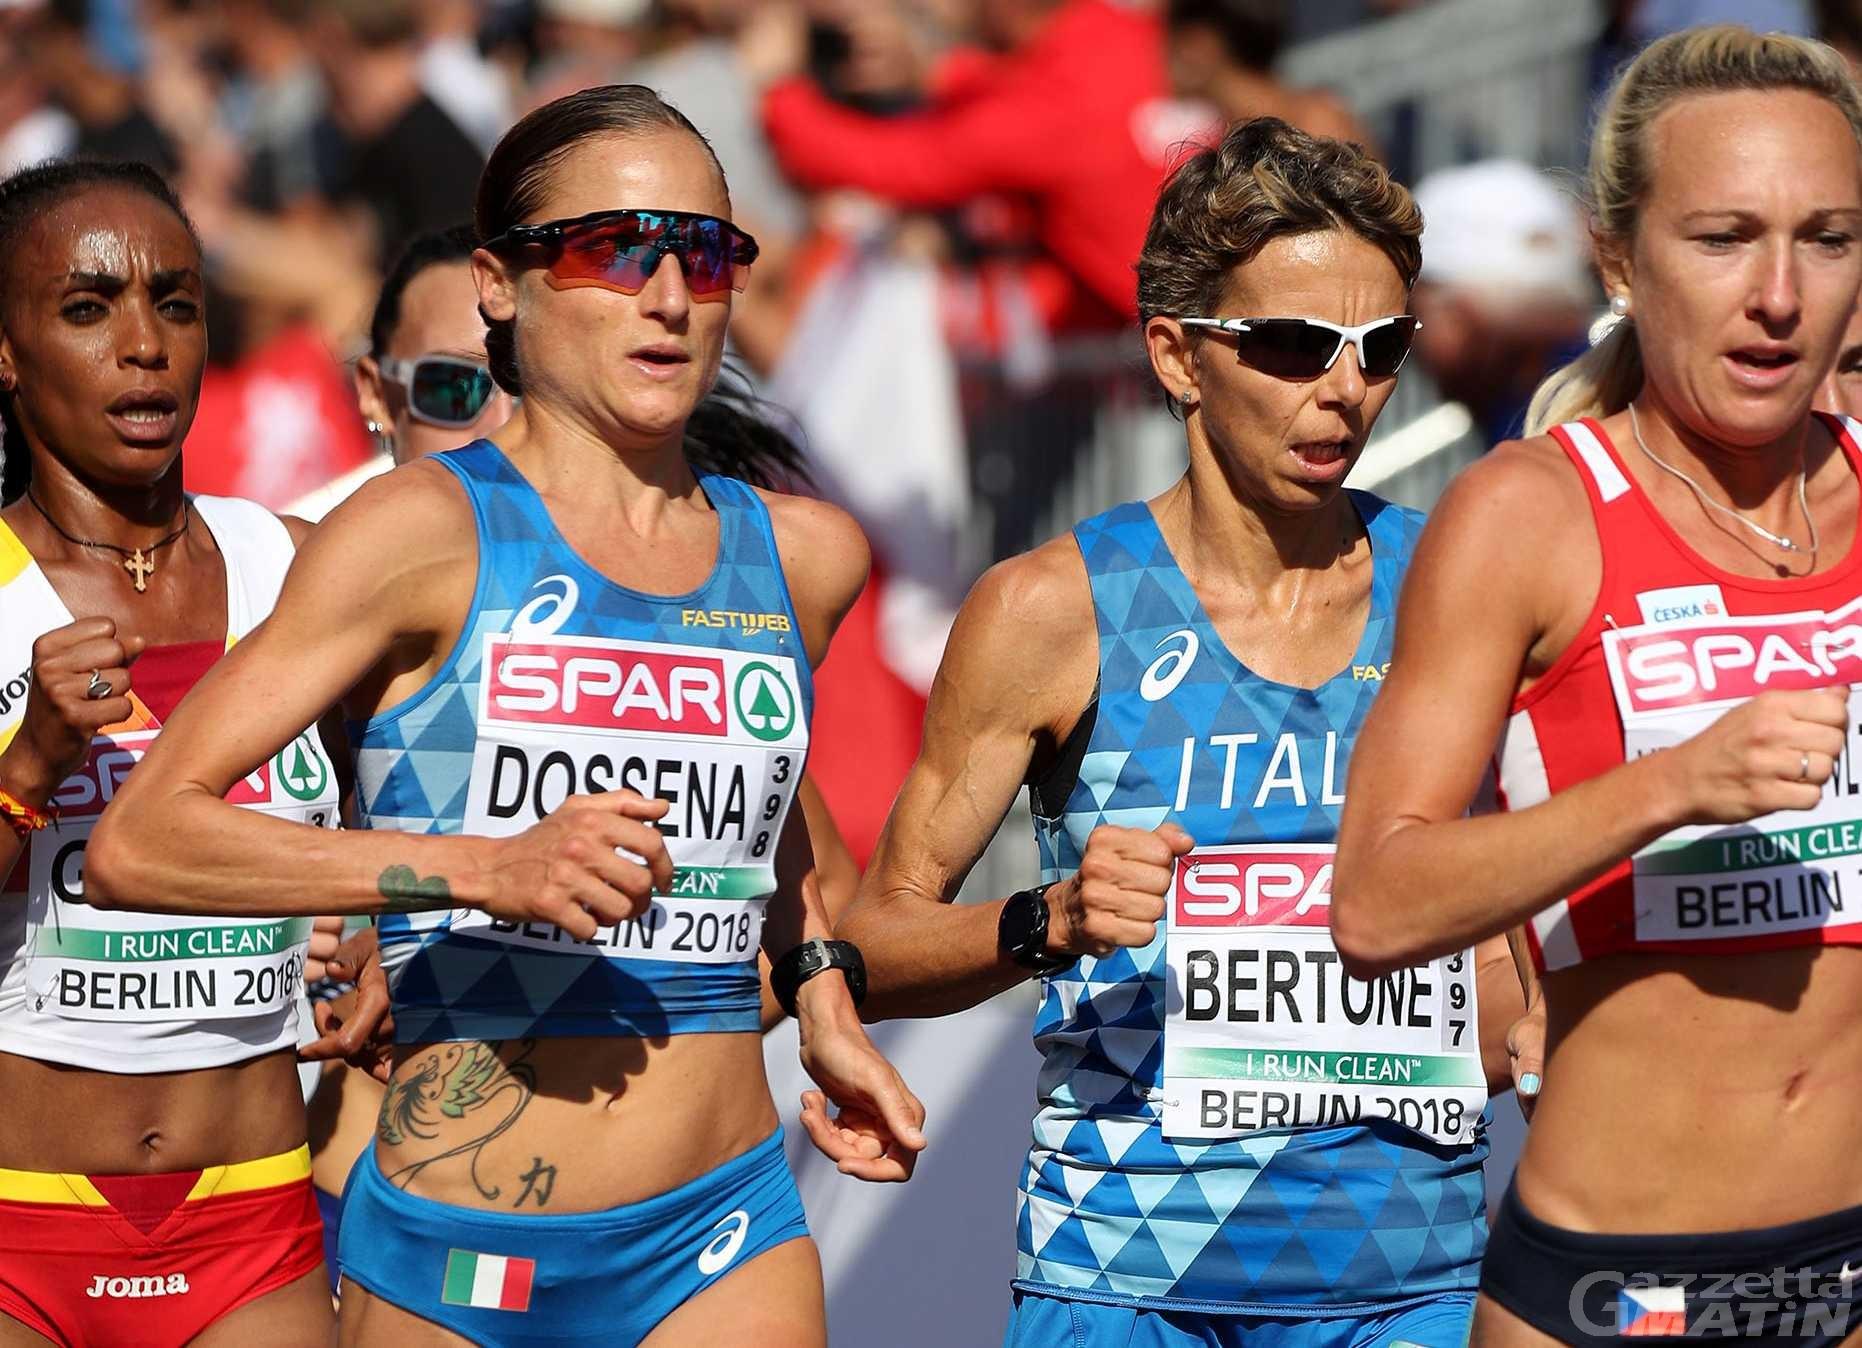 Atletica leggera: Catherine Bertone convocata per i Mondiali